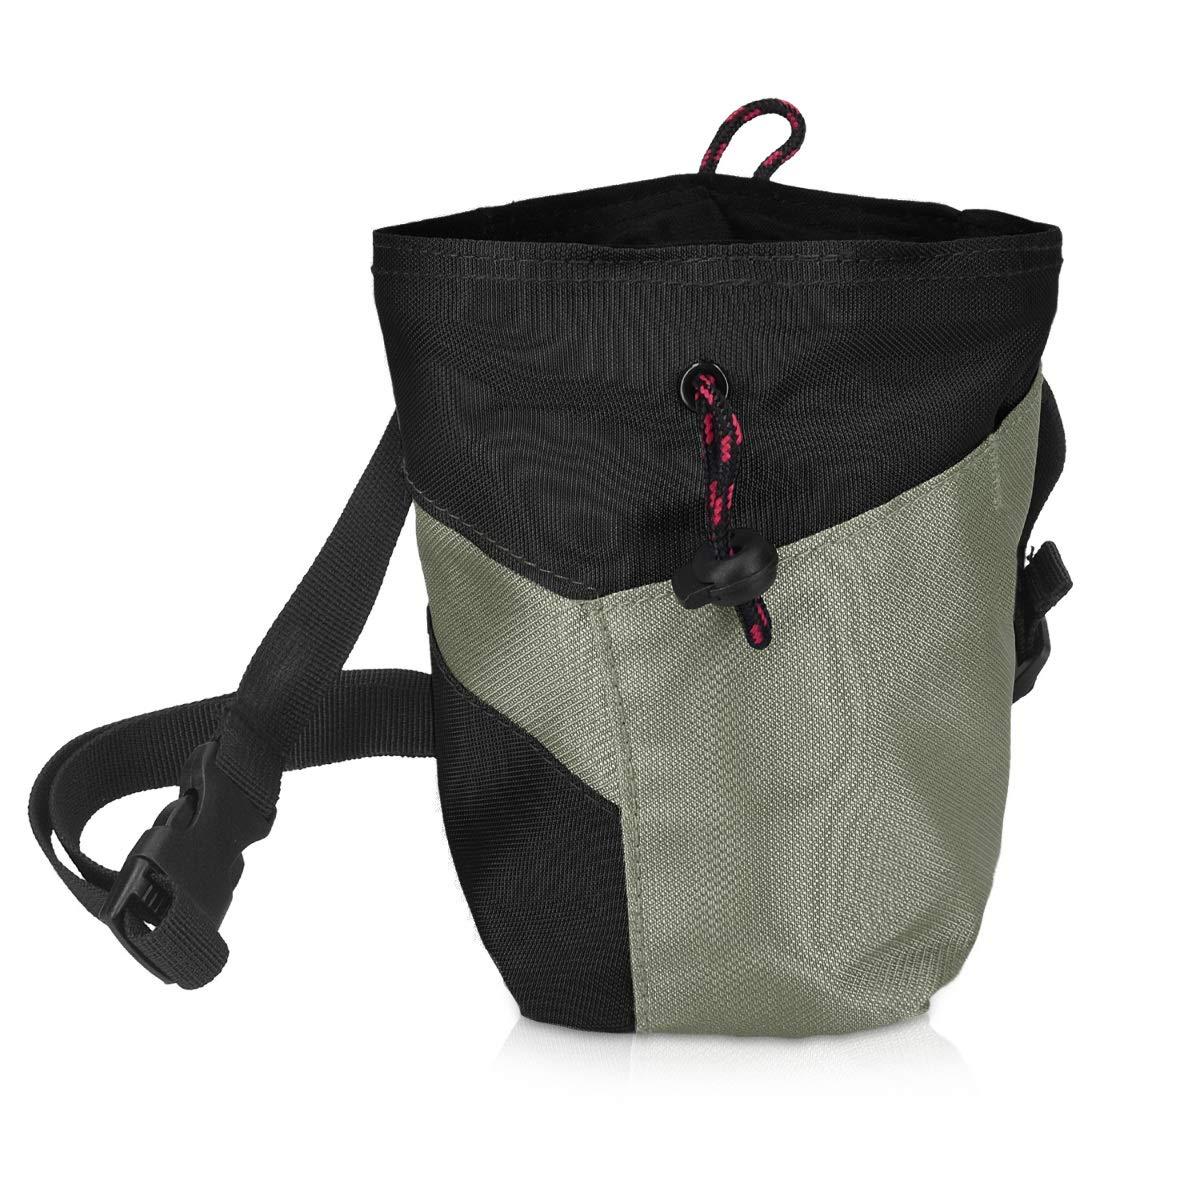 Navaris Bolsa de magnesio para Escalada - Bolso para almacenar Tiza o carbonato de magnesio - Cinturón Ajustable para Transportar Polvo para Escalar: Amazon.es: Deportes y aire libre